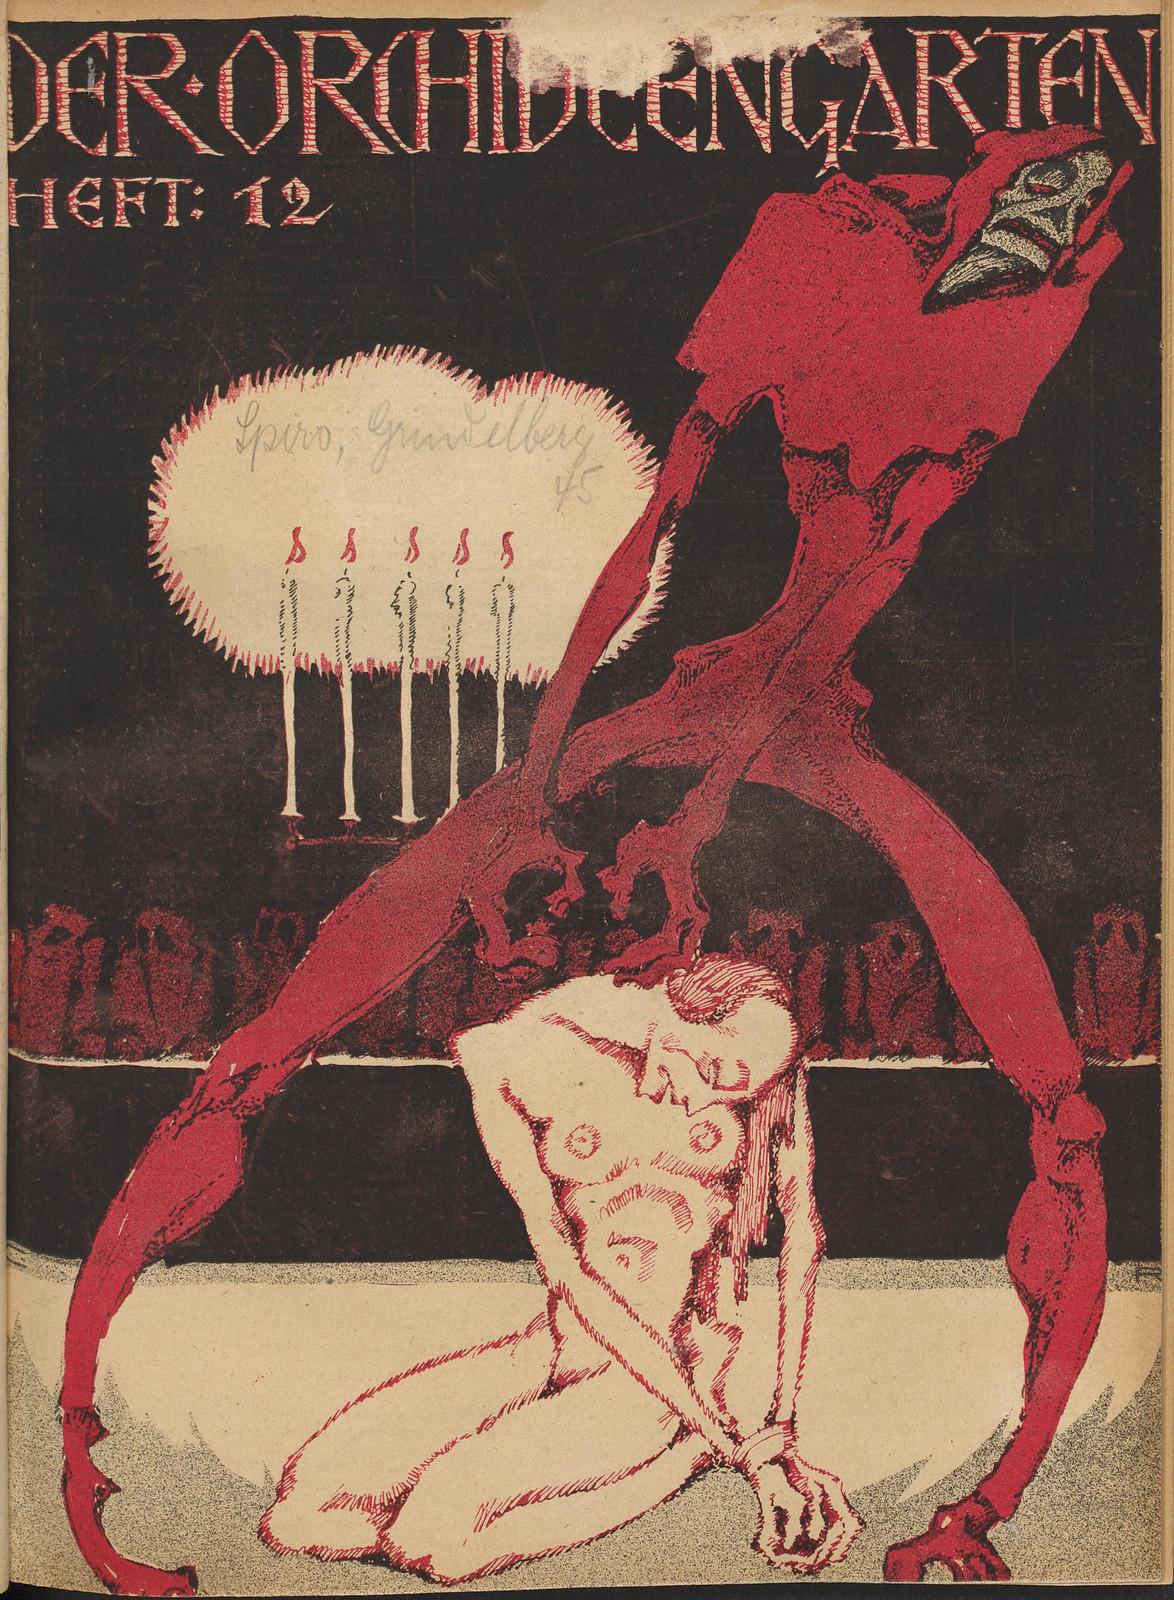 Der Orchideengarten - 1920 (Cover 12)